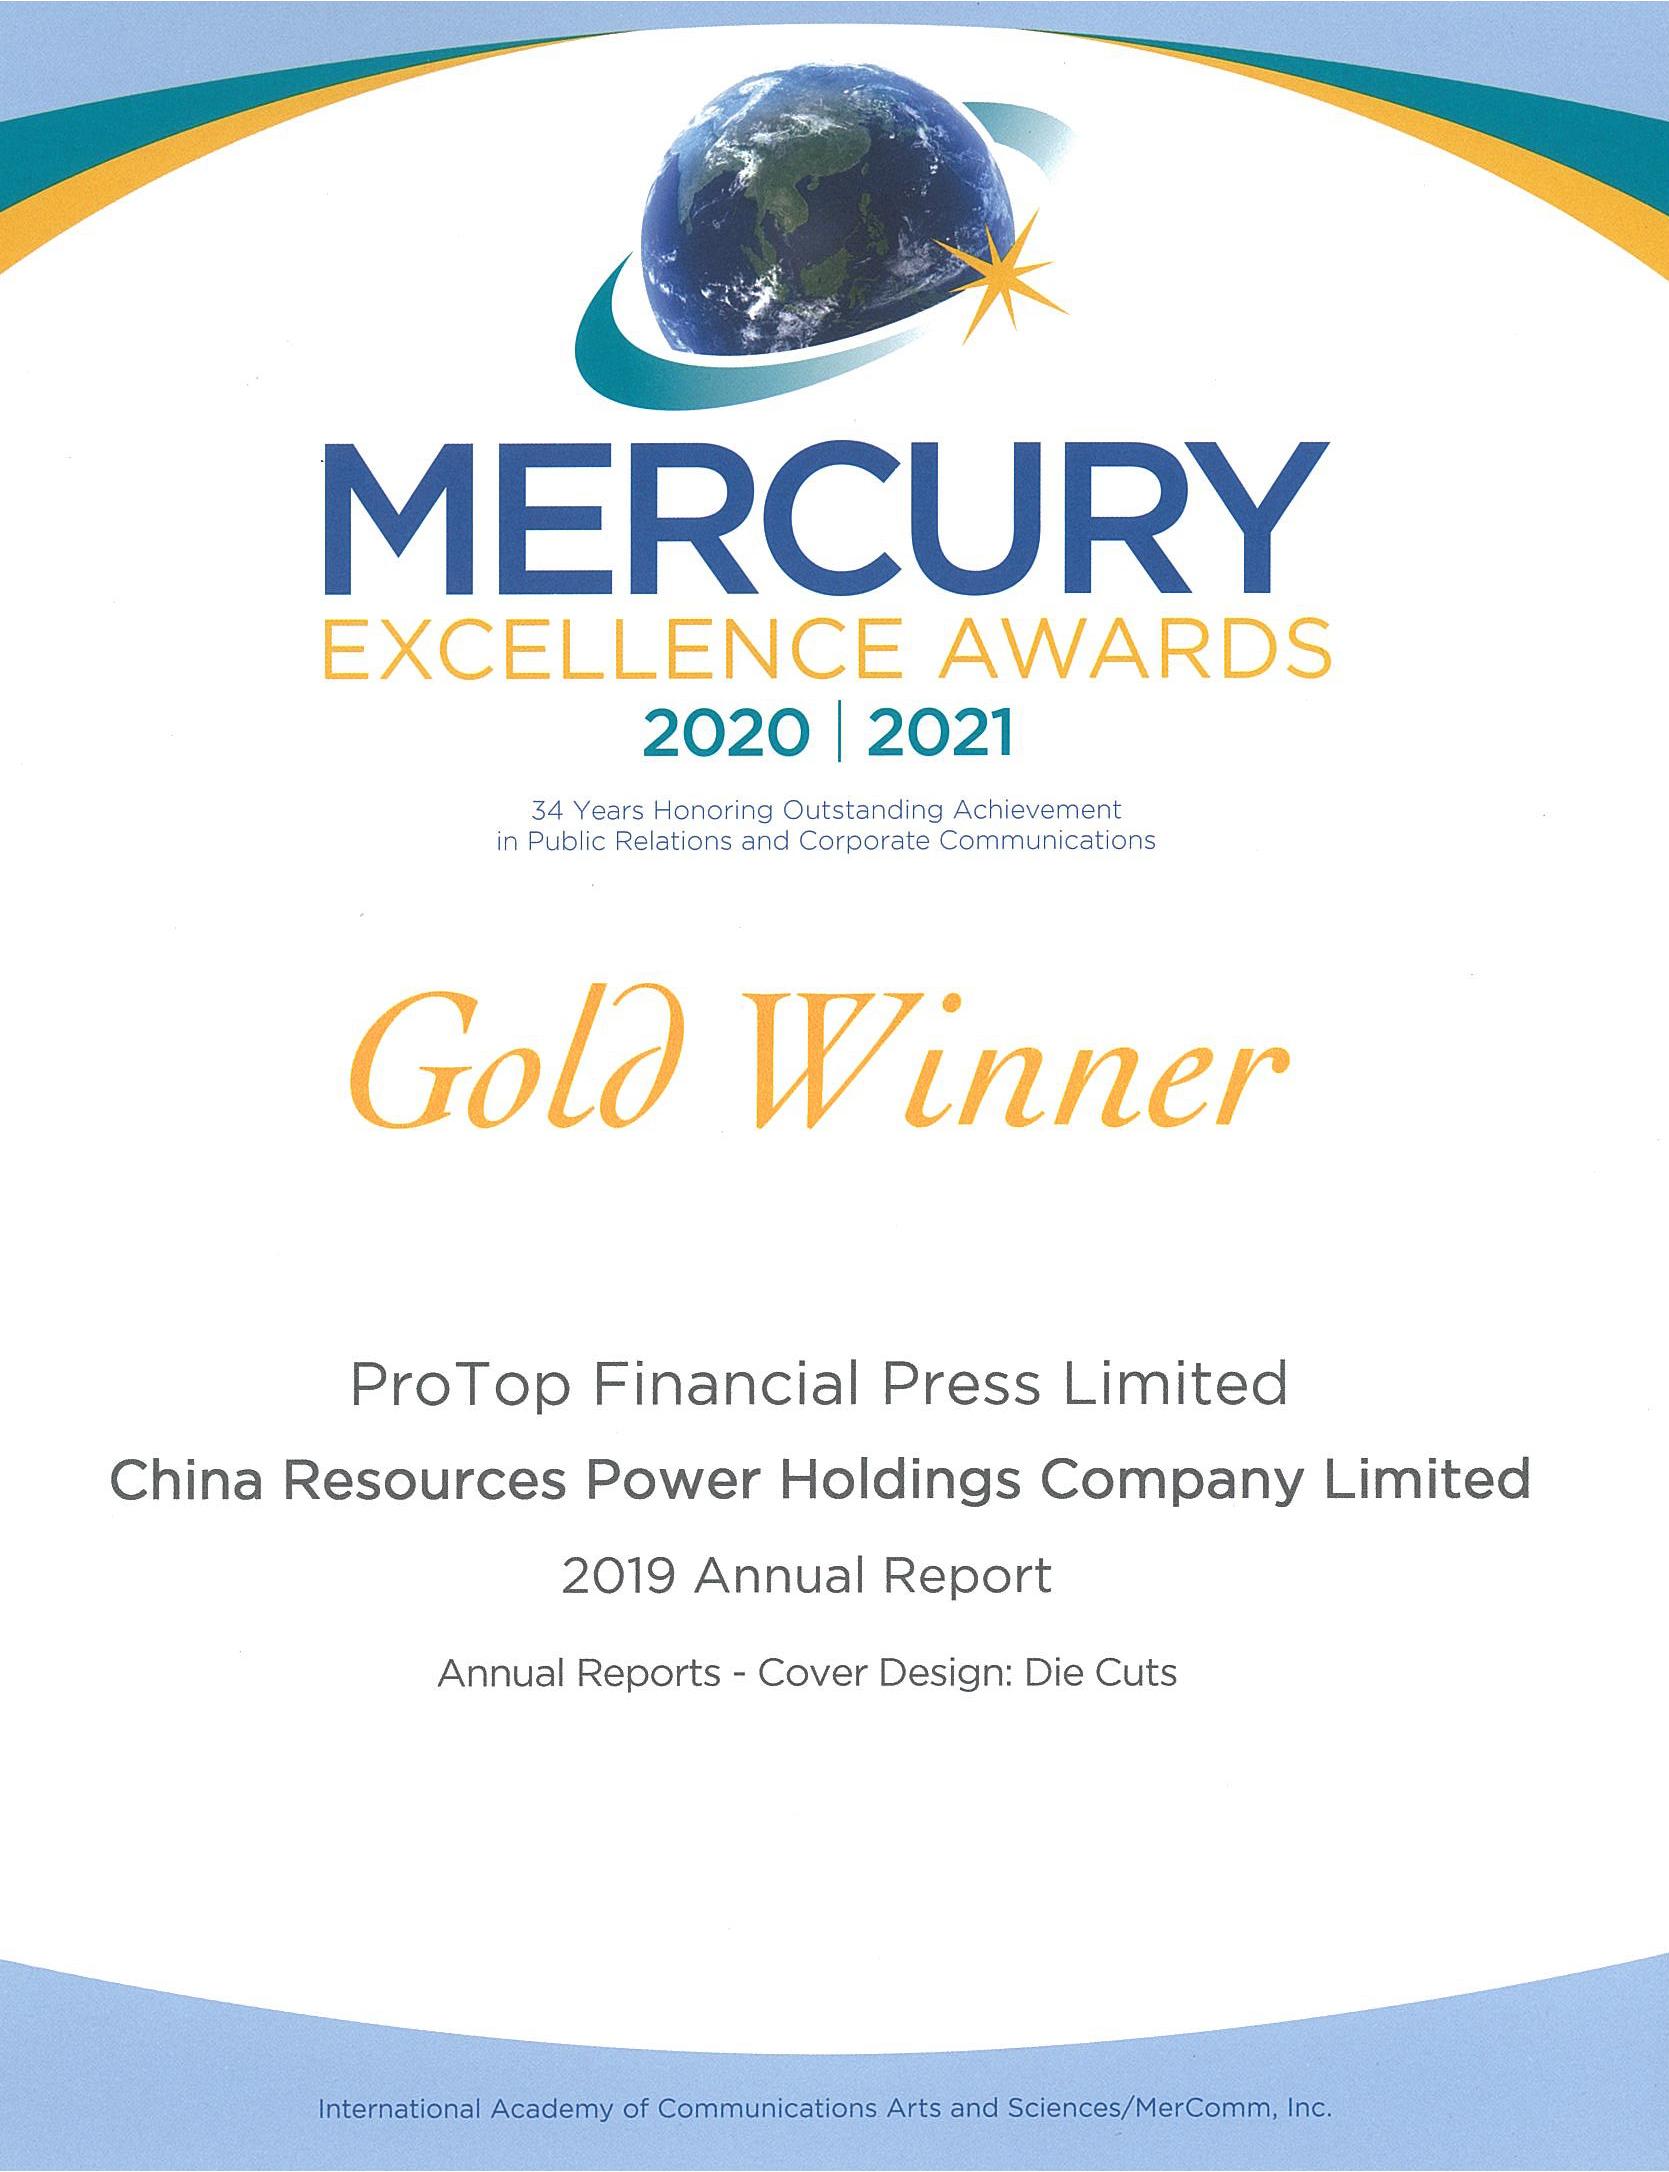 华润电力控股有限公司 – 2020 Honors